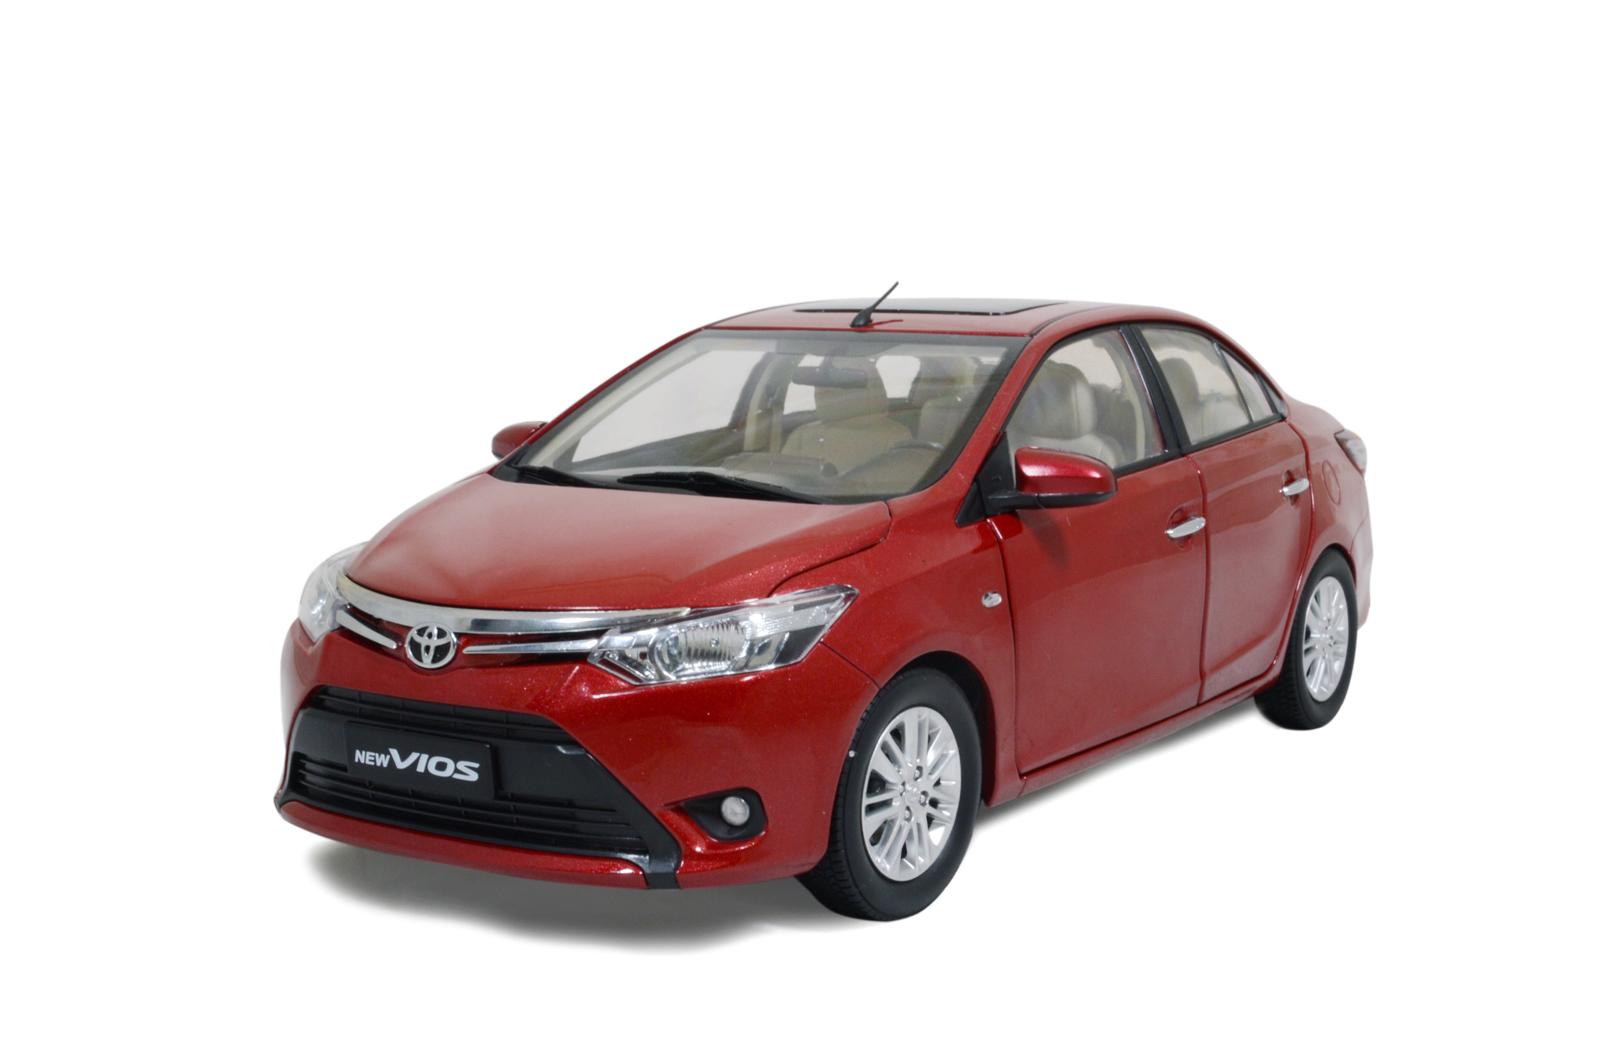 Wholesale Car Parts >> Toyota Vios 2014 1/18 Scale Diecast Model Car Wholesale - Paudi Model